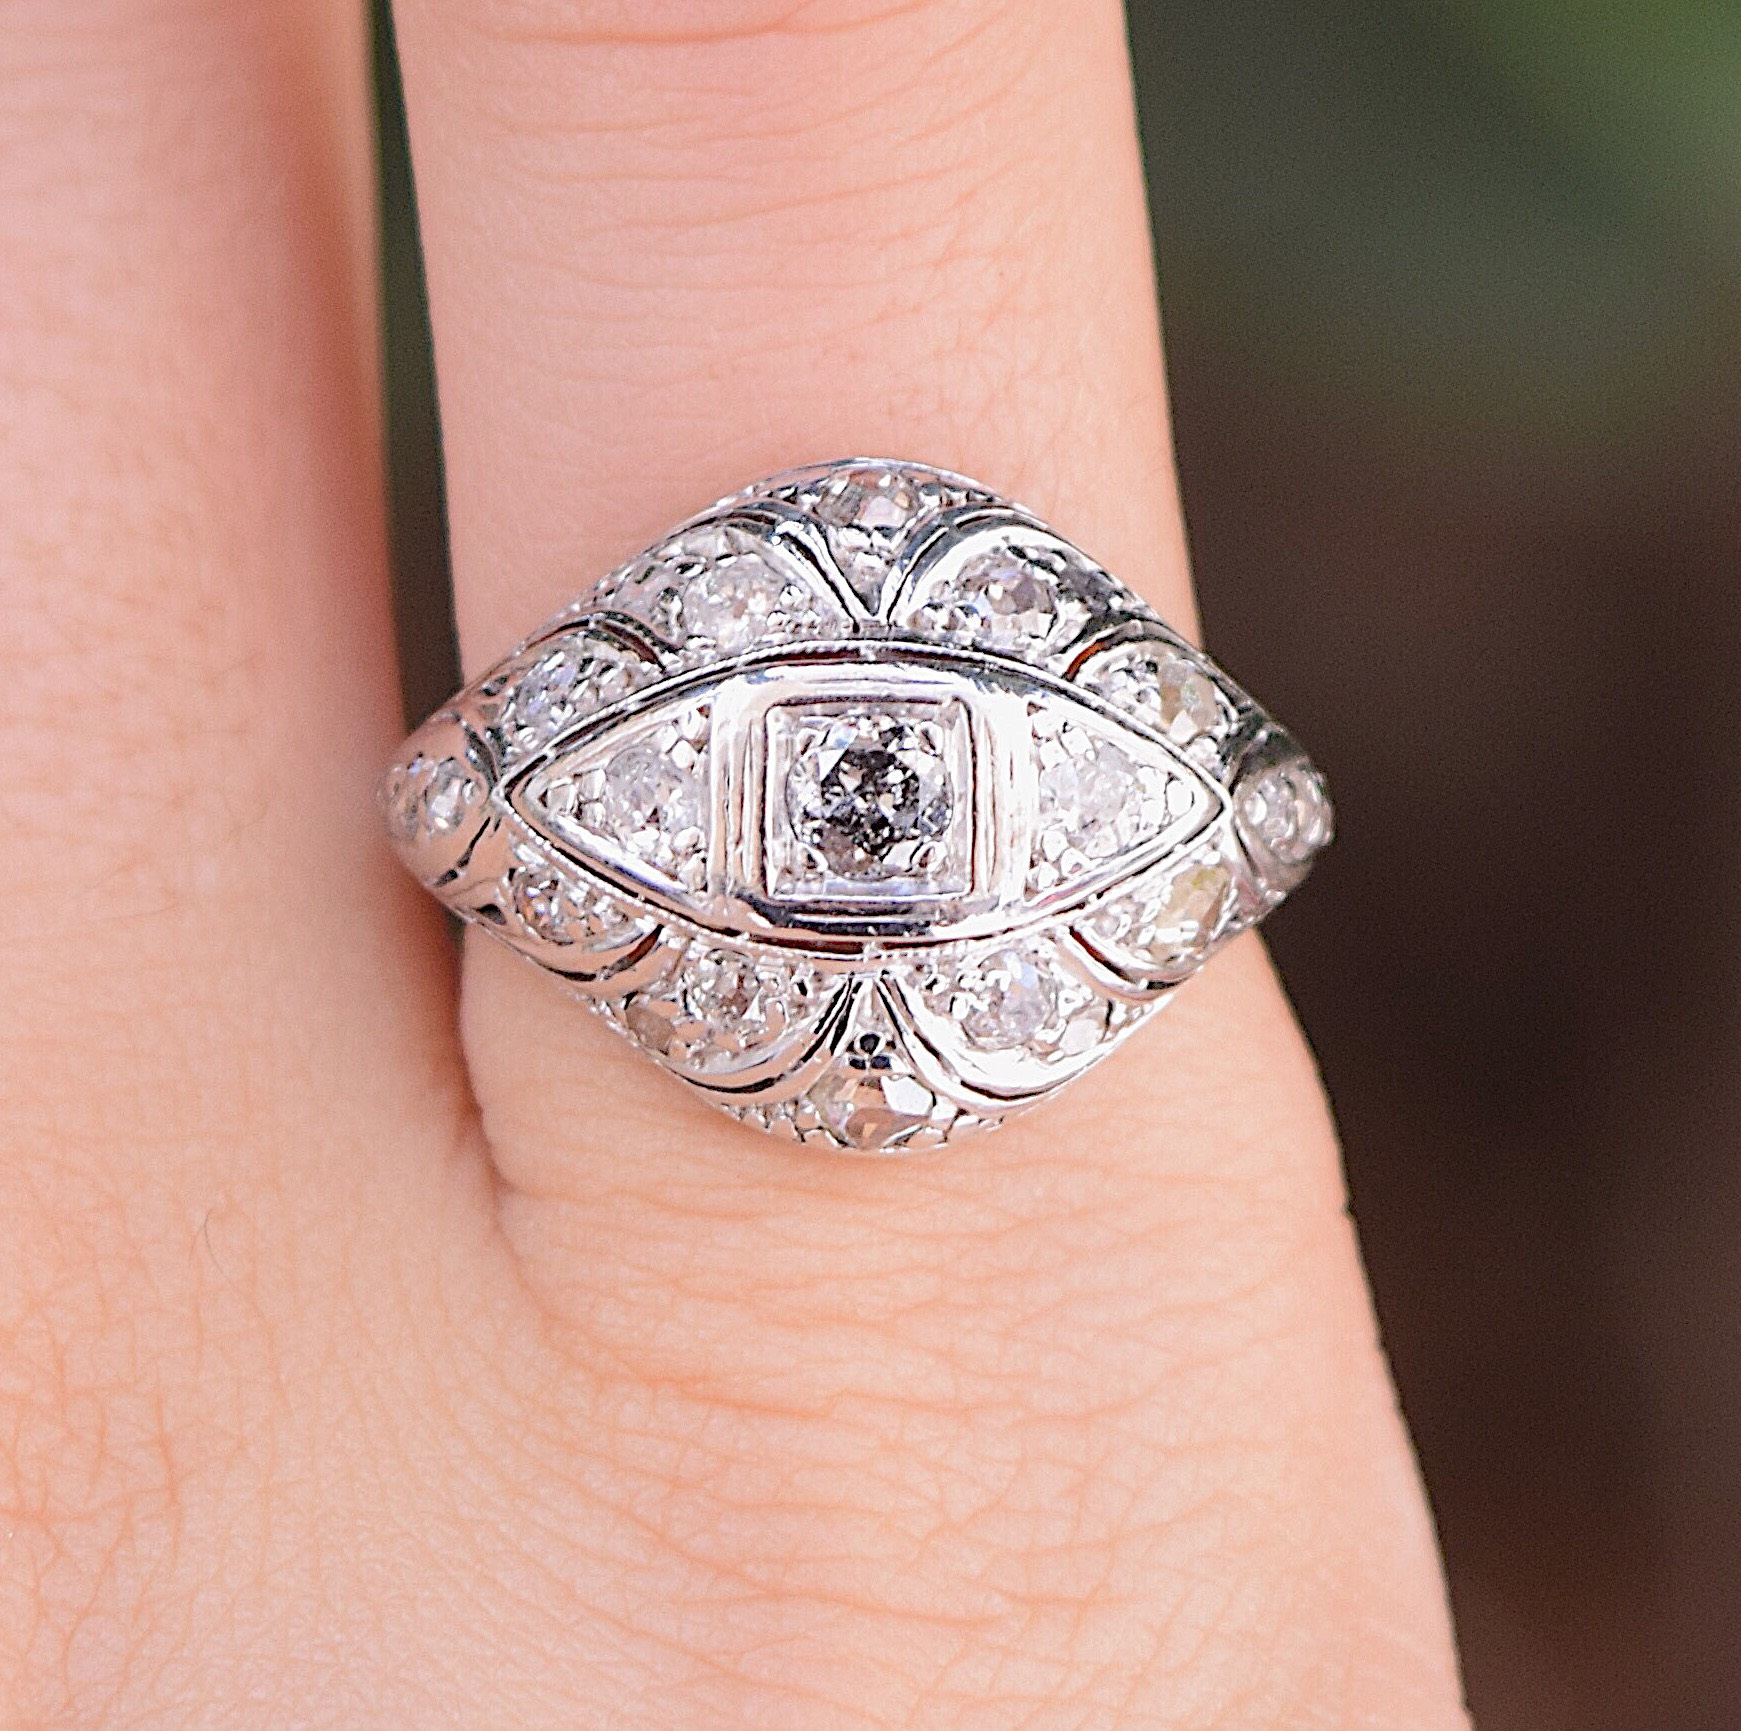 טבעת אר-דקו , זהב 14k עם יהלומים.